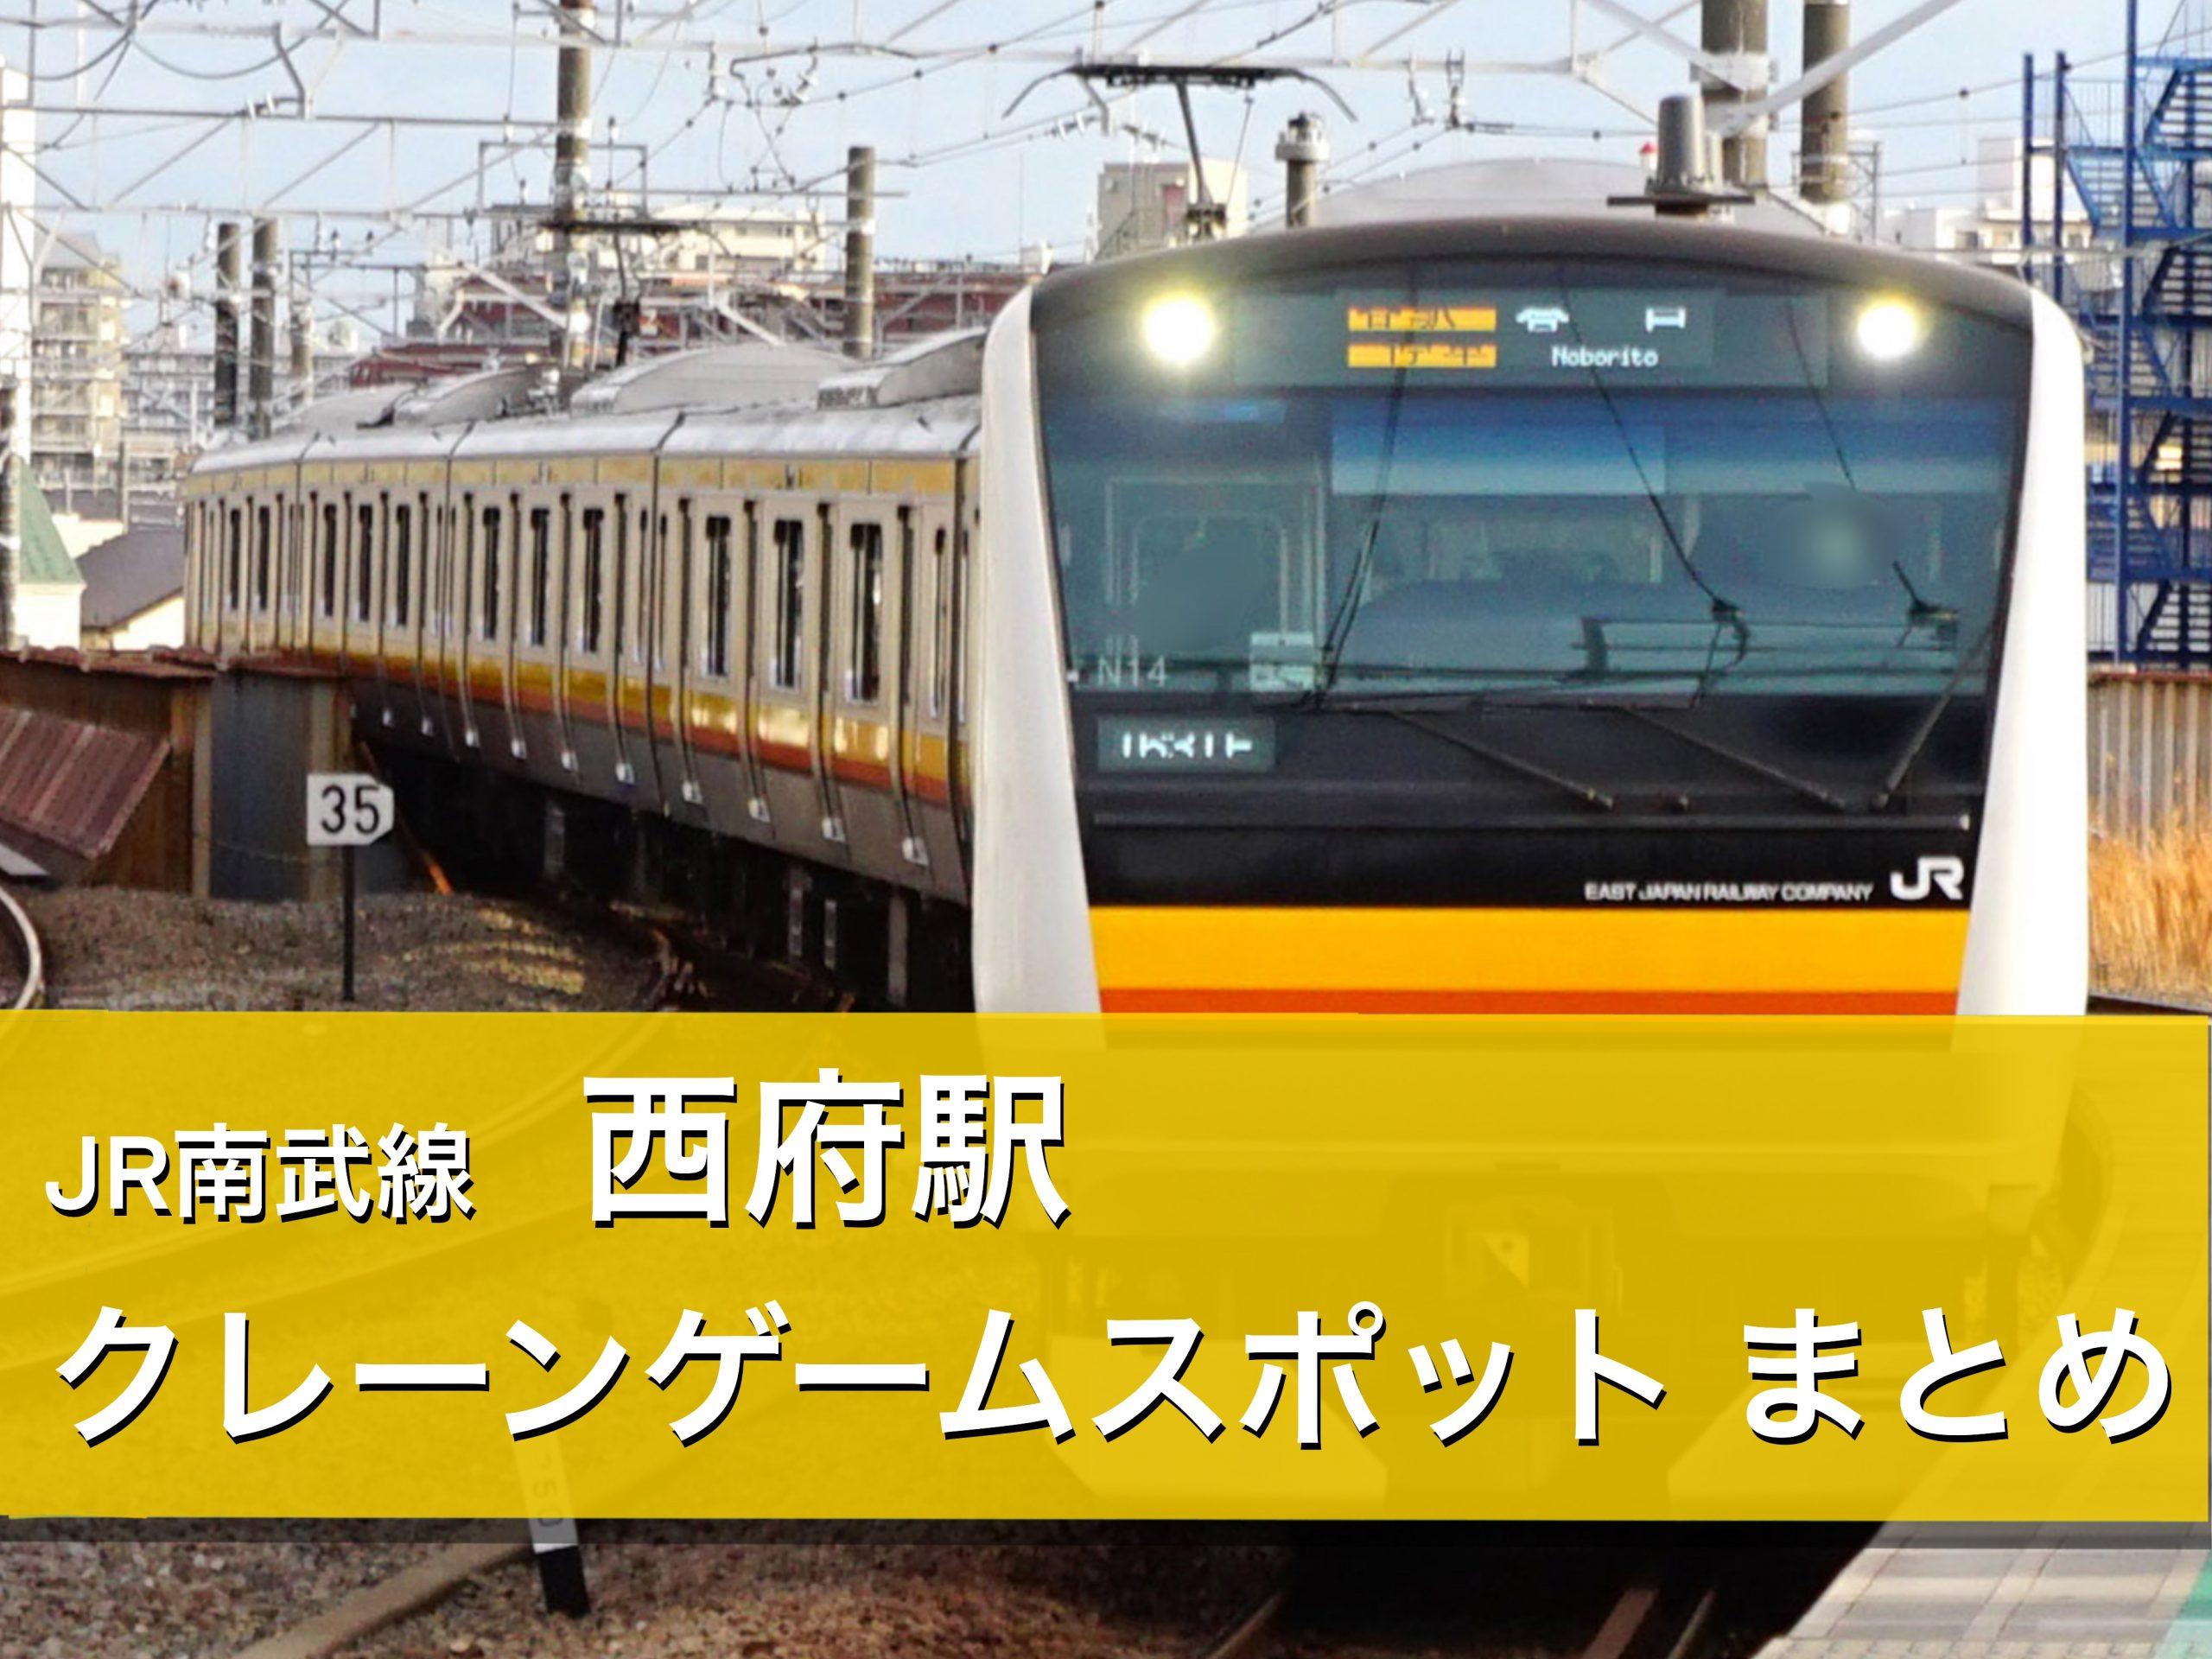 【西府駅】クレーンゲームができる場所